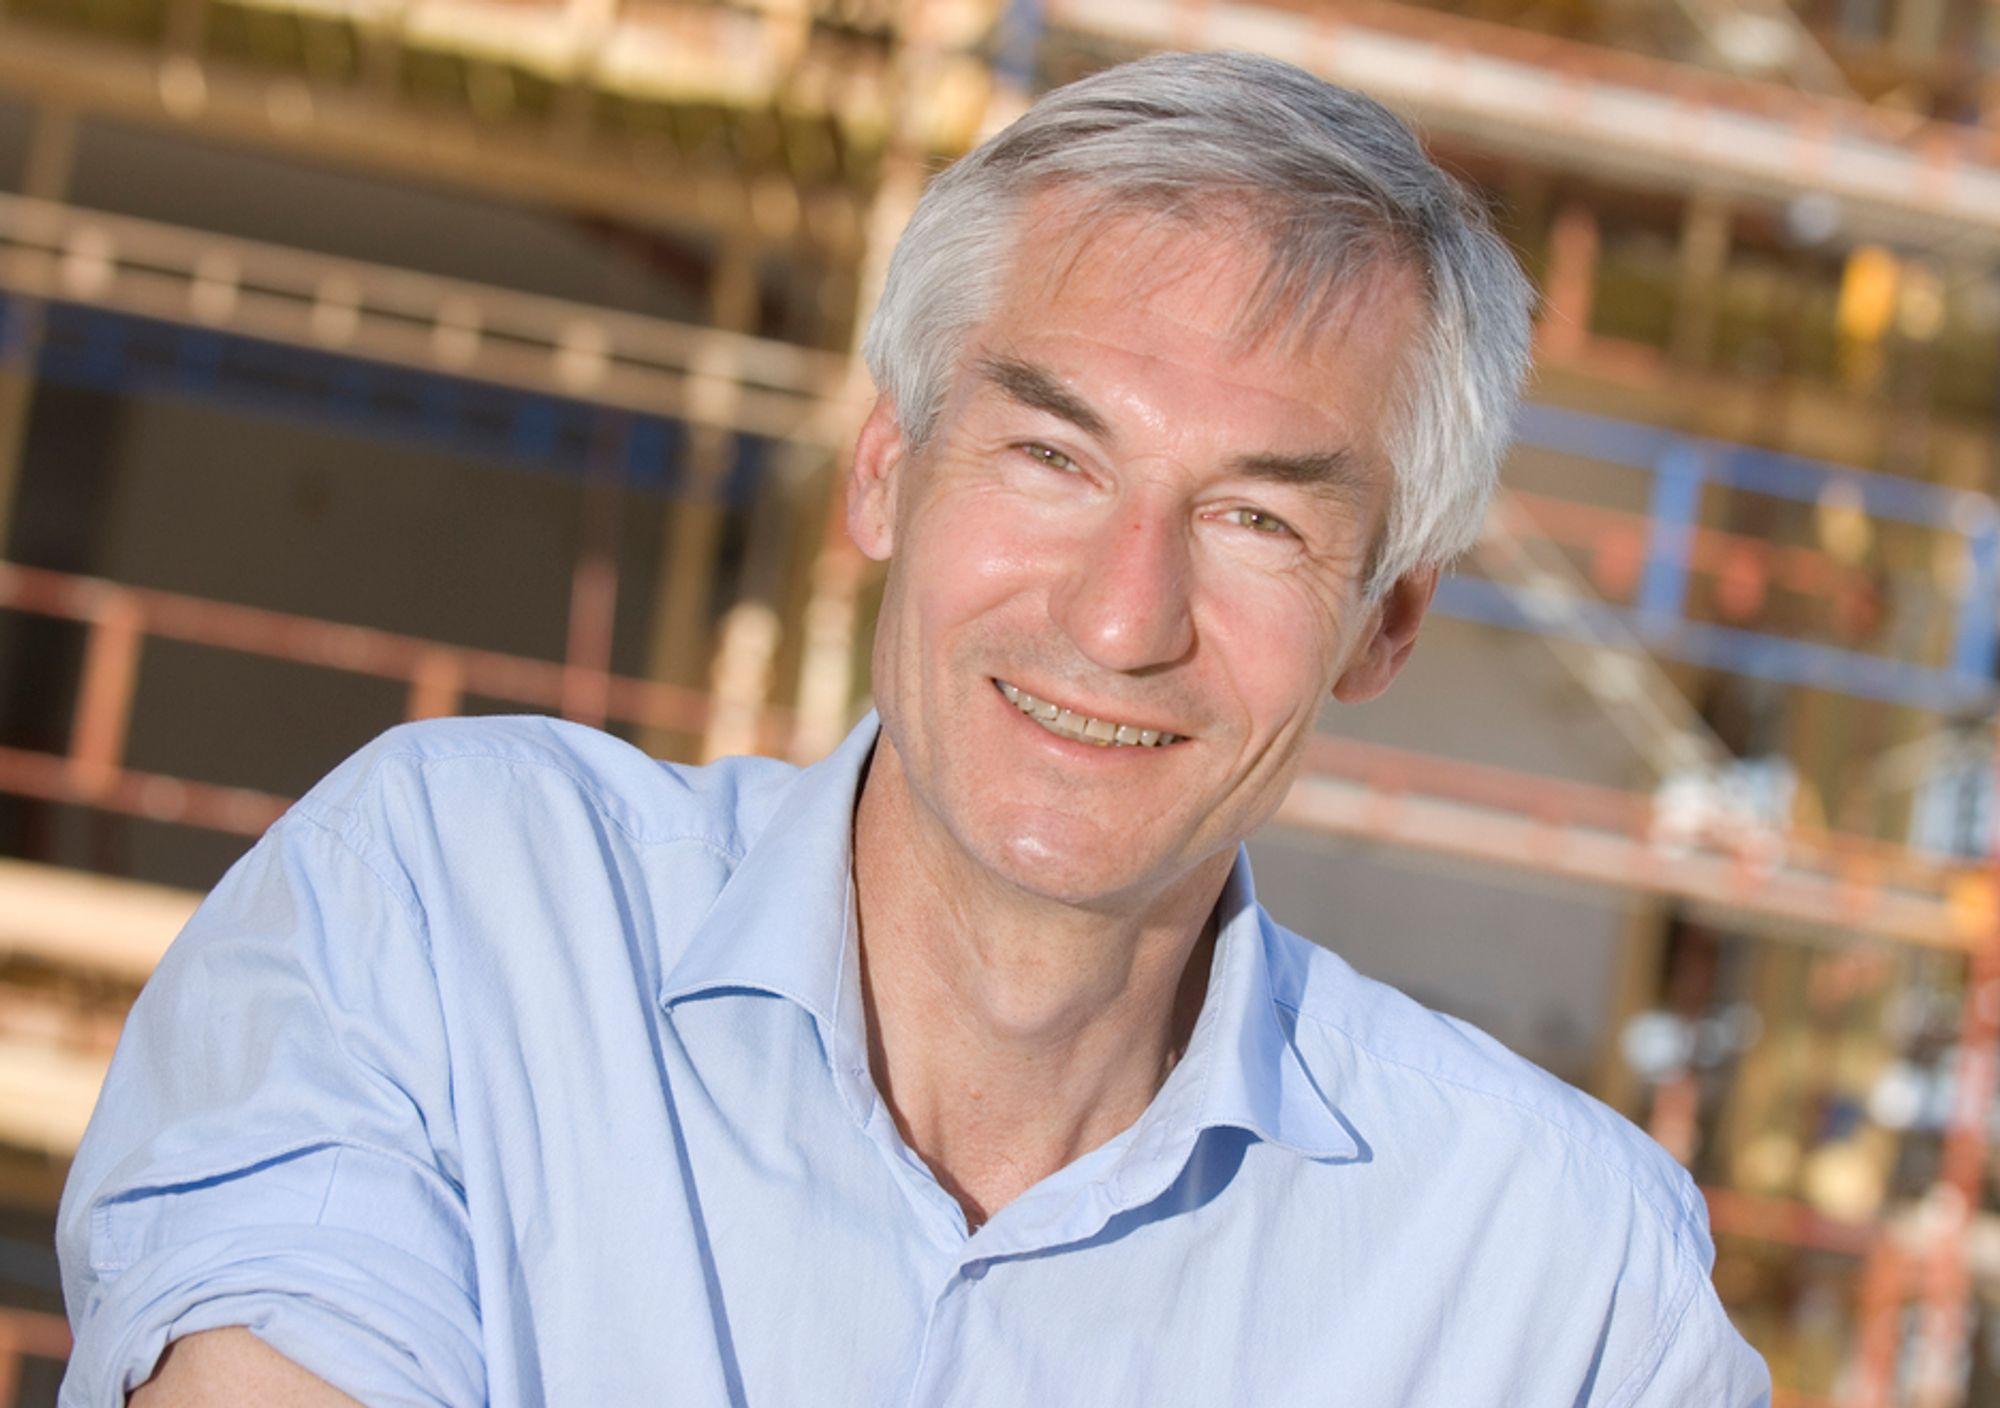 KJELL SENNESETKjell Senneset (59) er sjeføkonom i Prognosesenteret. Han er utdannet sosialøkonom fra Universitetet i Oslo. Fra 1984 har han arbeidet med analyser av og prognoser for bygg- og anleggsmarkedet i Norge. Han har jobbet både i Byggenæringens Landsforening og i forløperen til BNL, Entreprenørenes Landssammenslutning, før han begynte i Prognosesenteret i 2004.